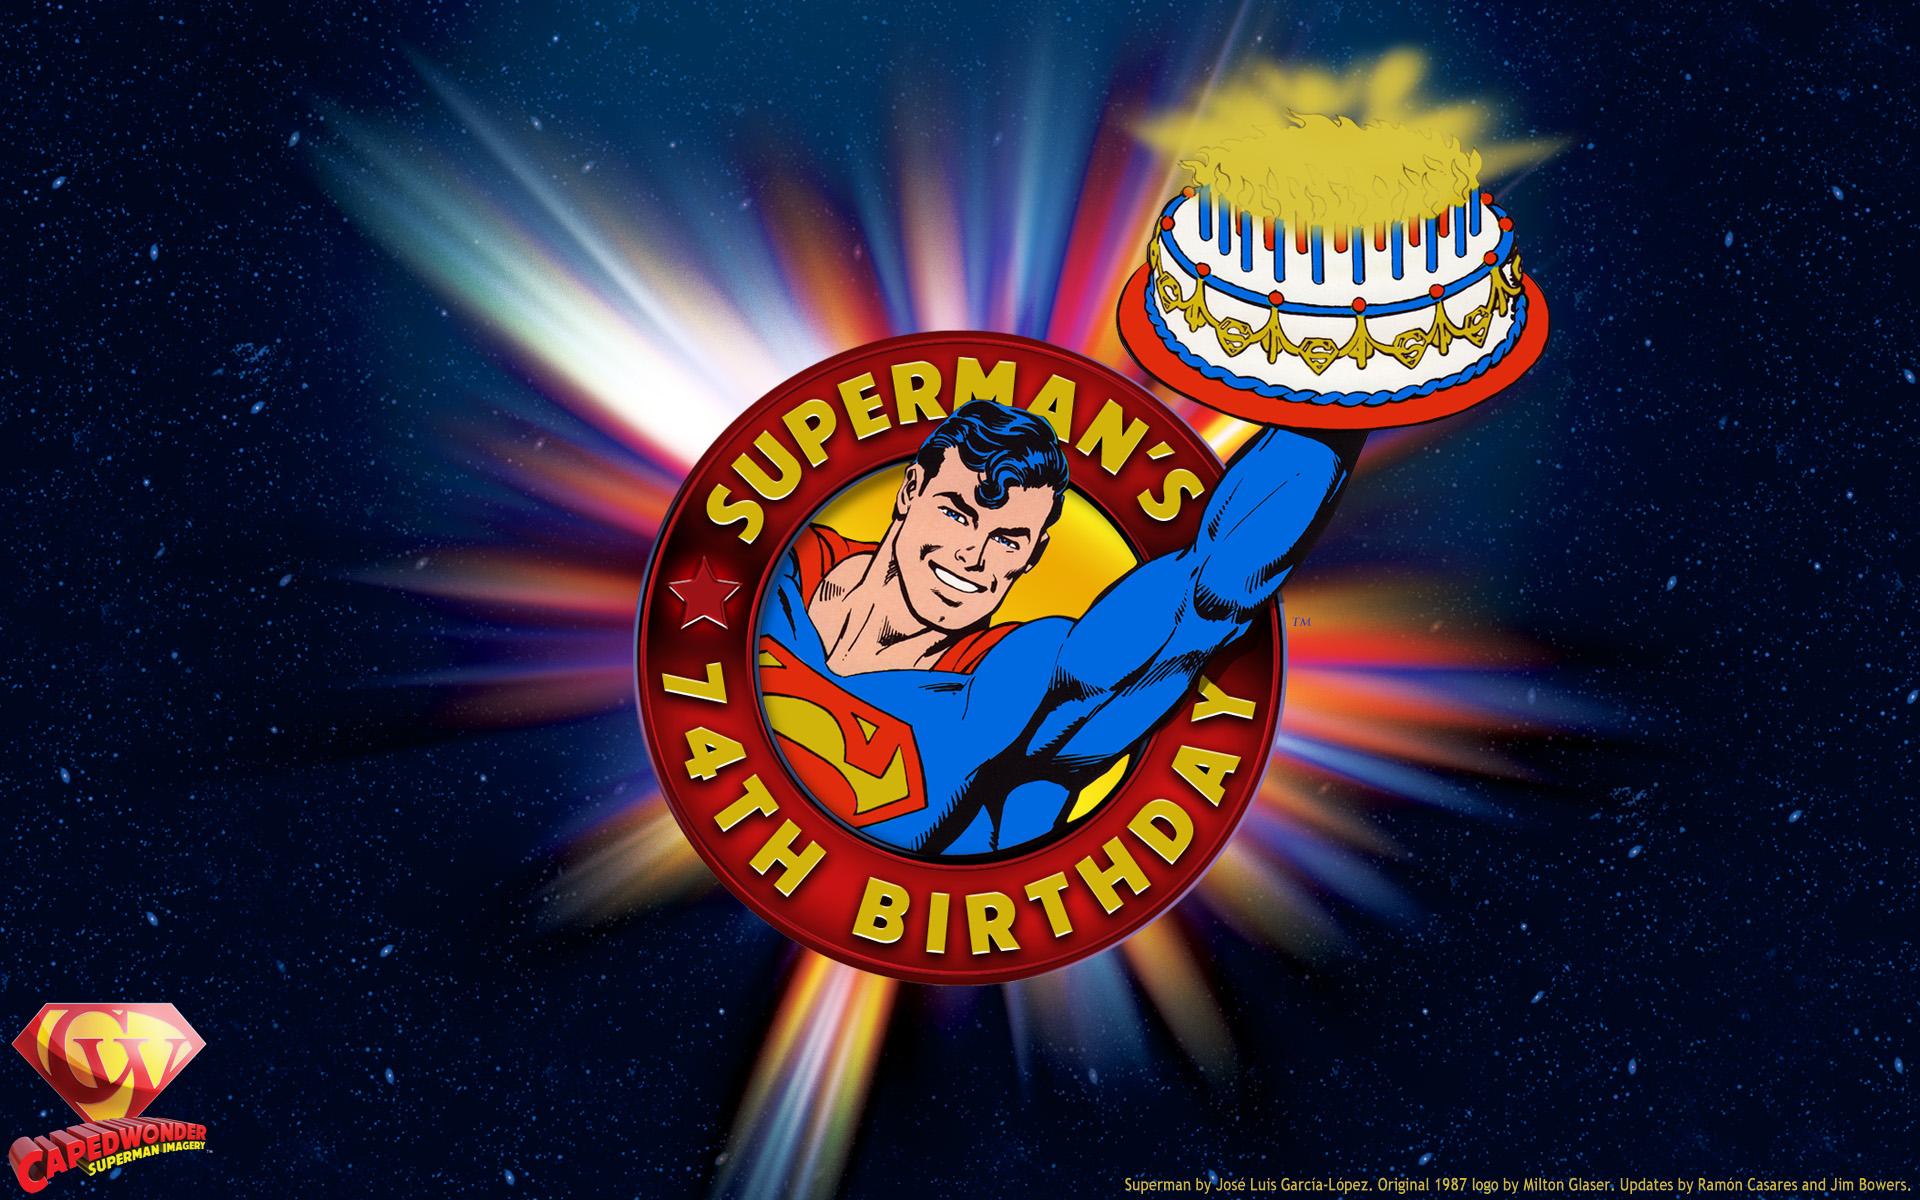 после начала супермен поздравления стихи предлагает